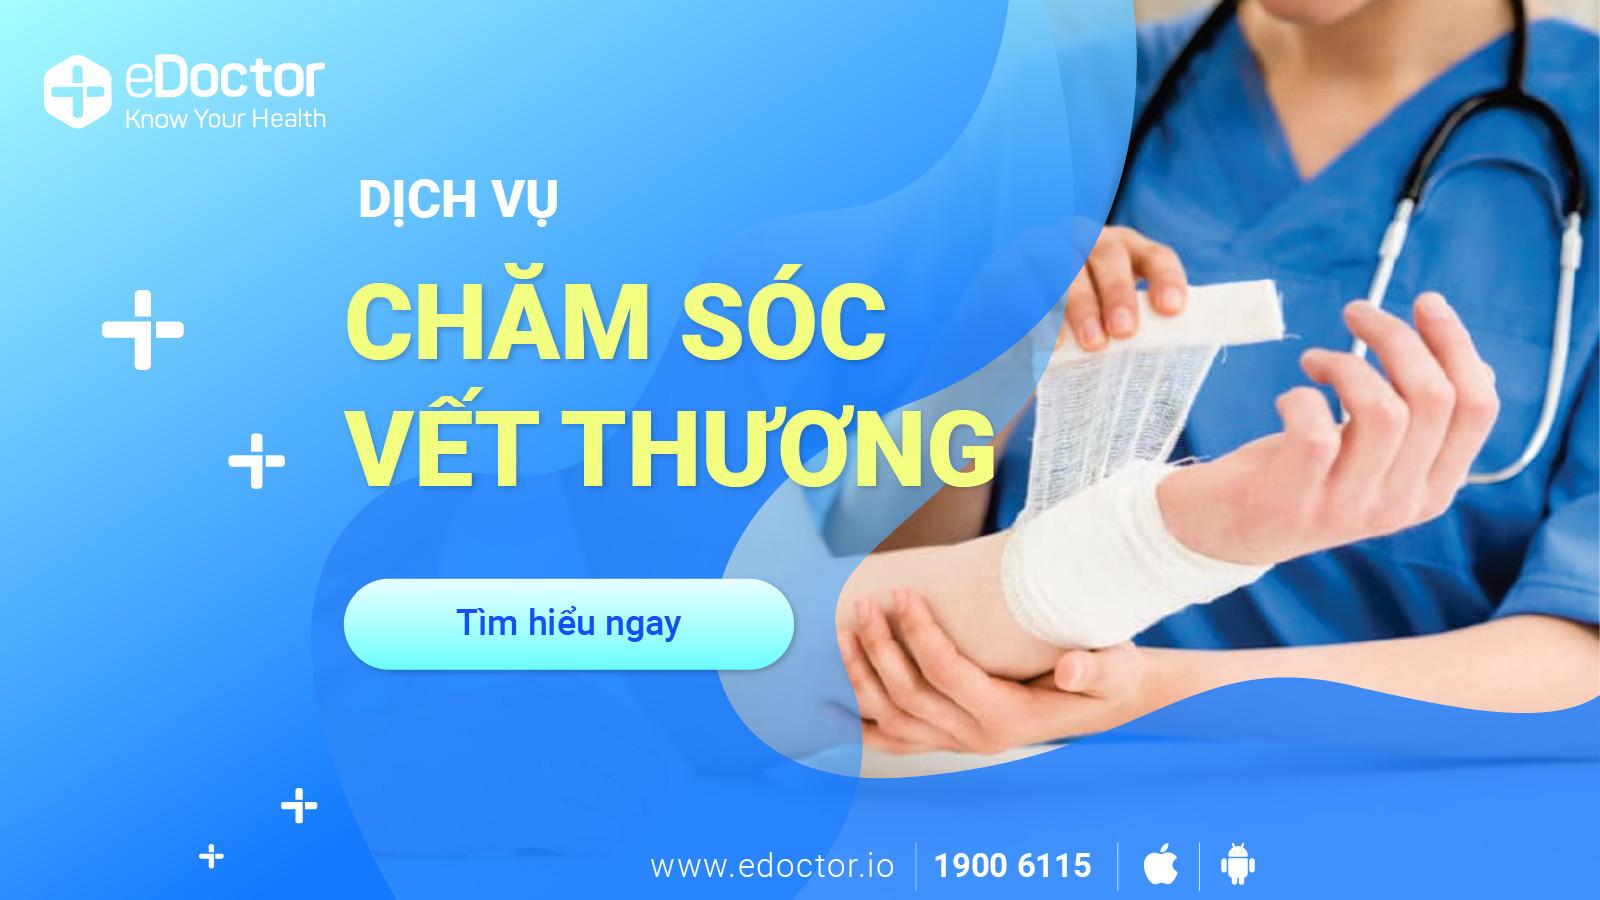 eDoctor - Cẩn trọng khi chăm sóc vết thương: Hạn chế dùng oxy già với vết thương sạch